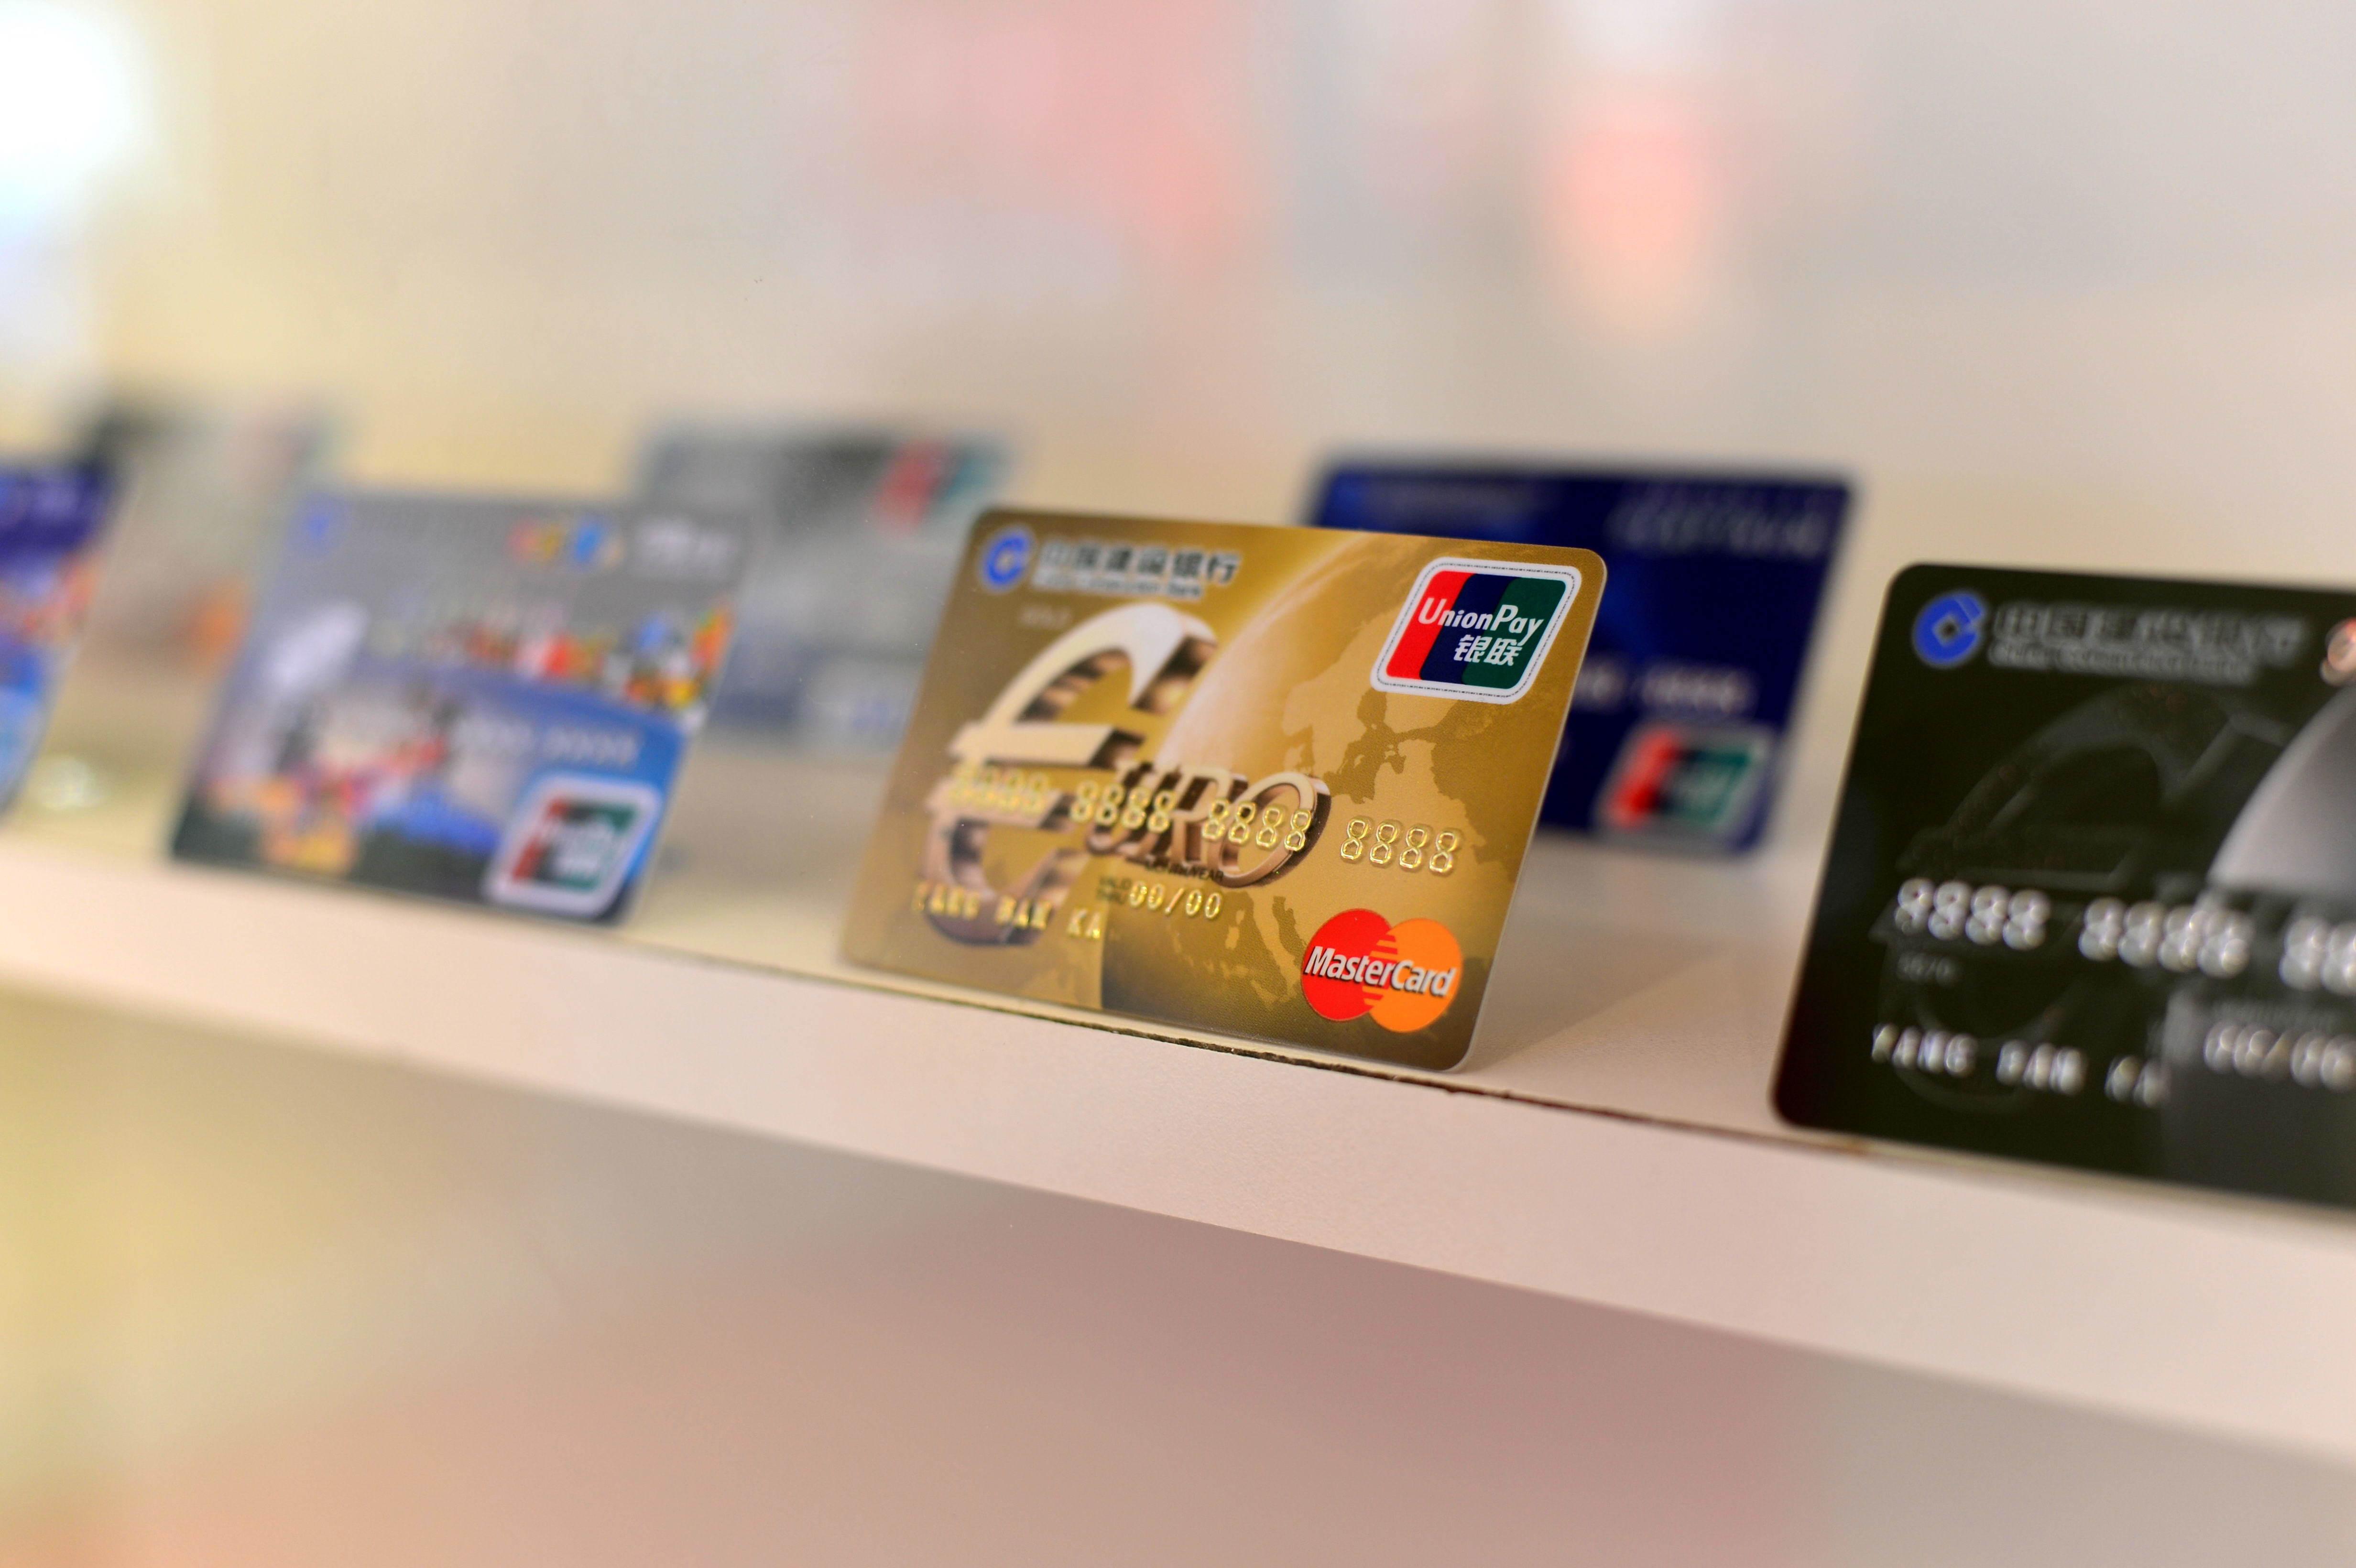 被银行提示信用卡用卡不规范,该怎么办?